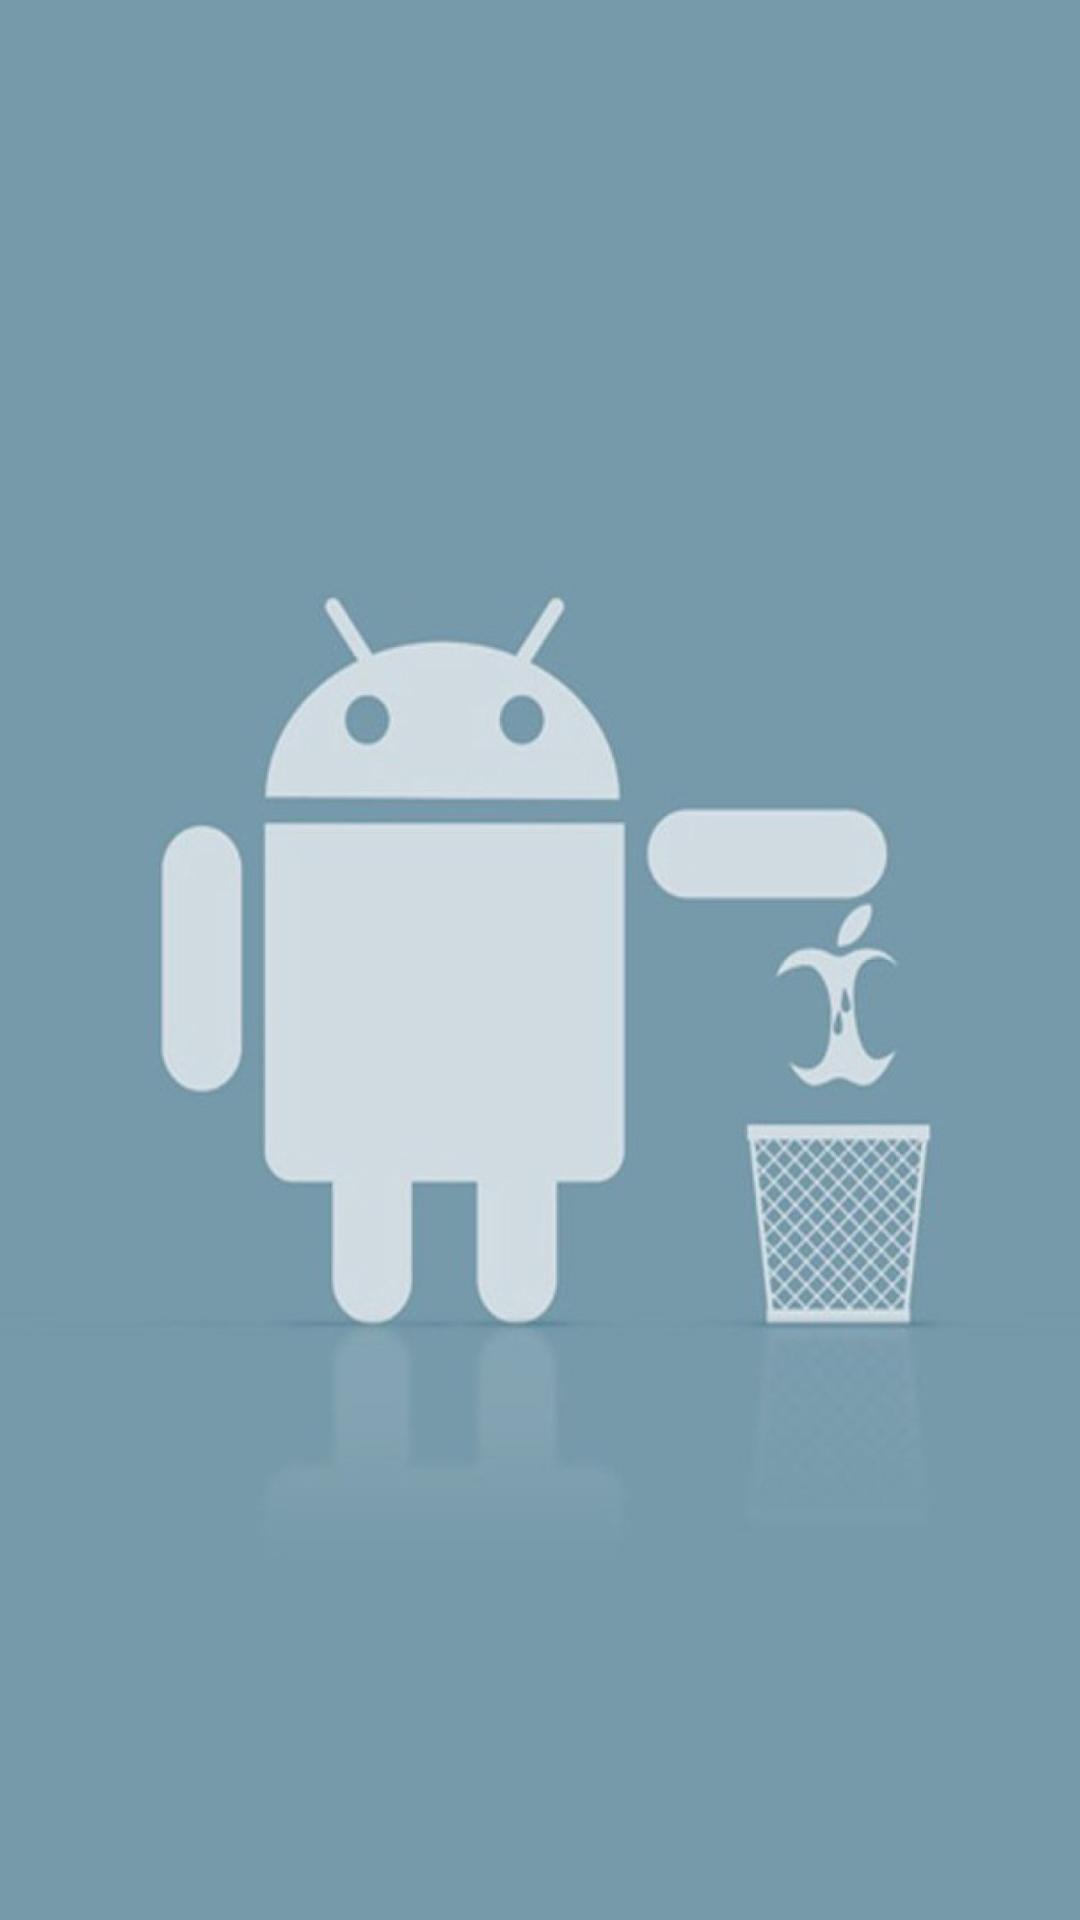 Приколы, картинка прикол андроида